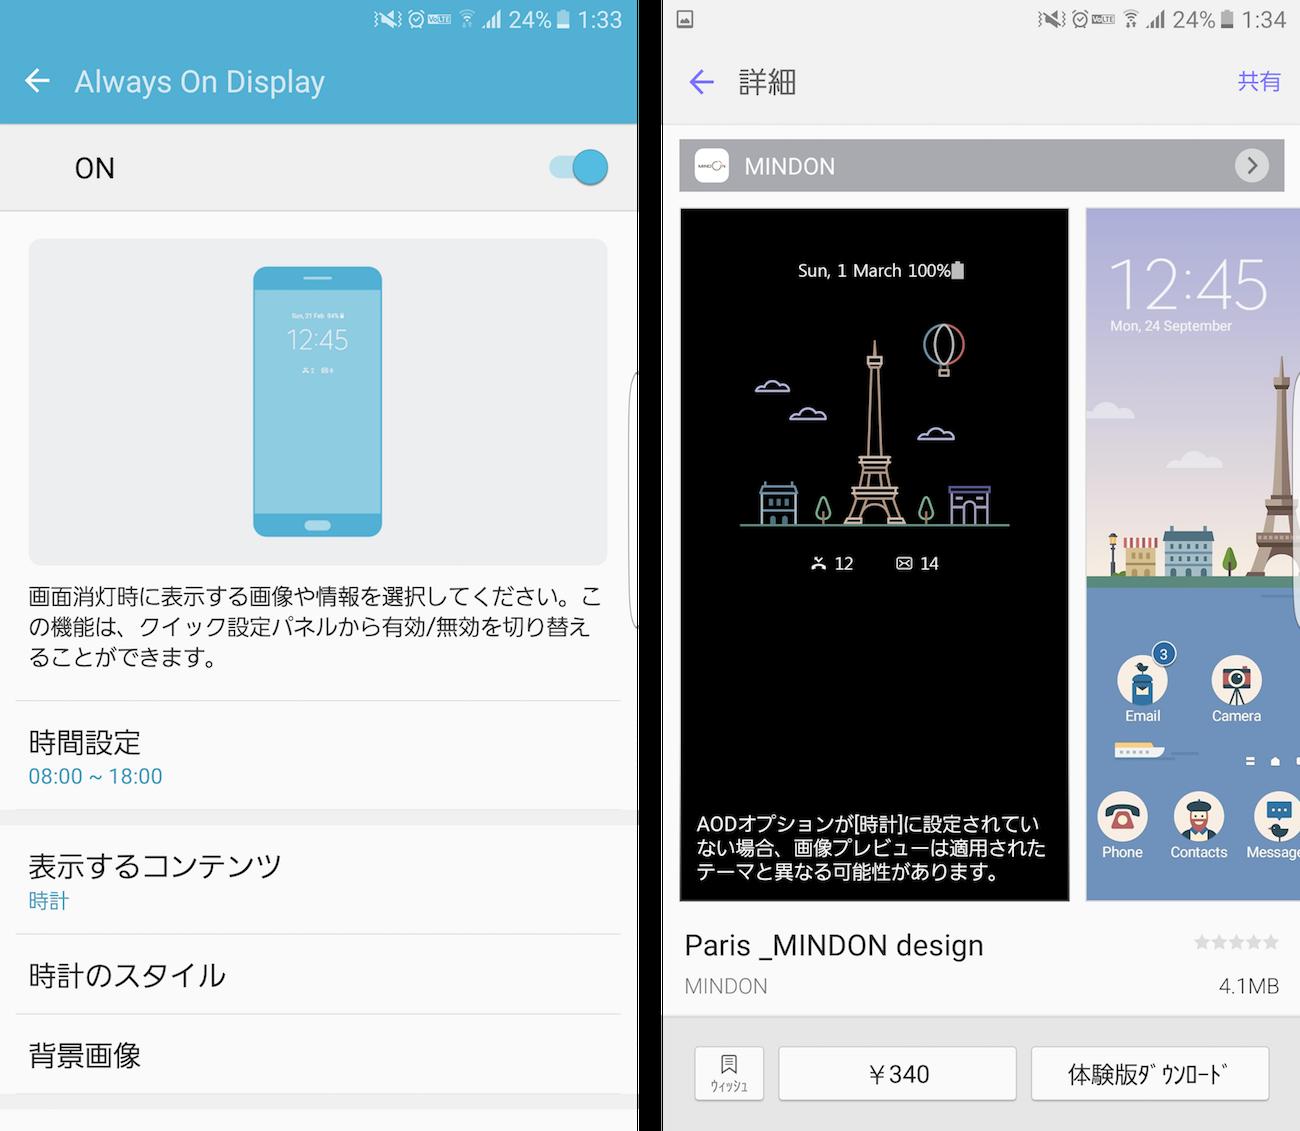 Galaxy S7 Edge S Tips 使ってるうちに気づいた5つの便利機能 Mdperia